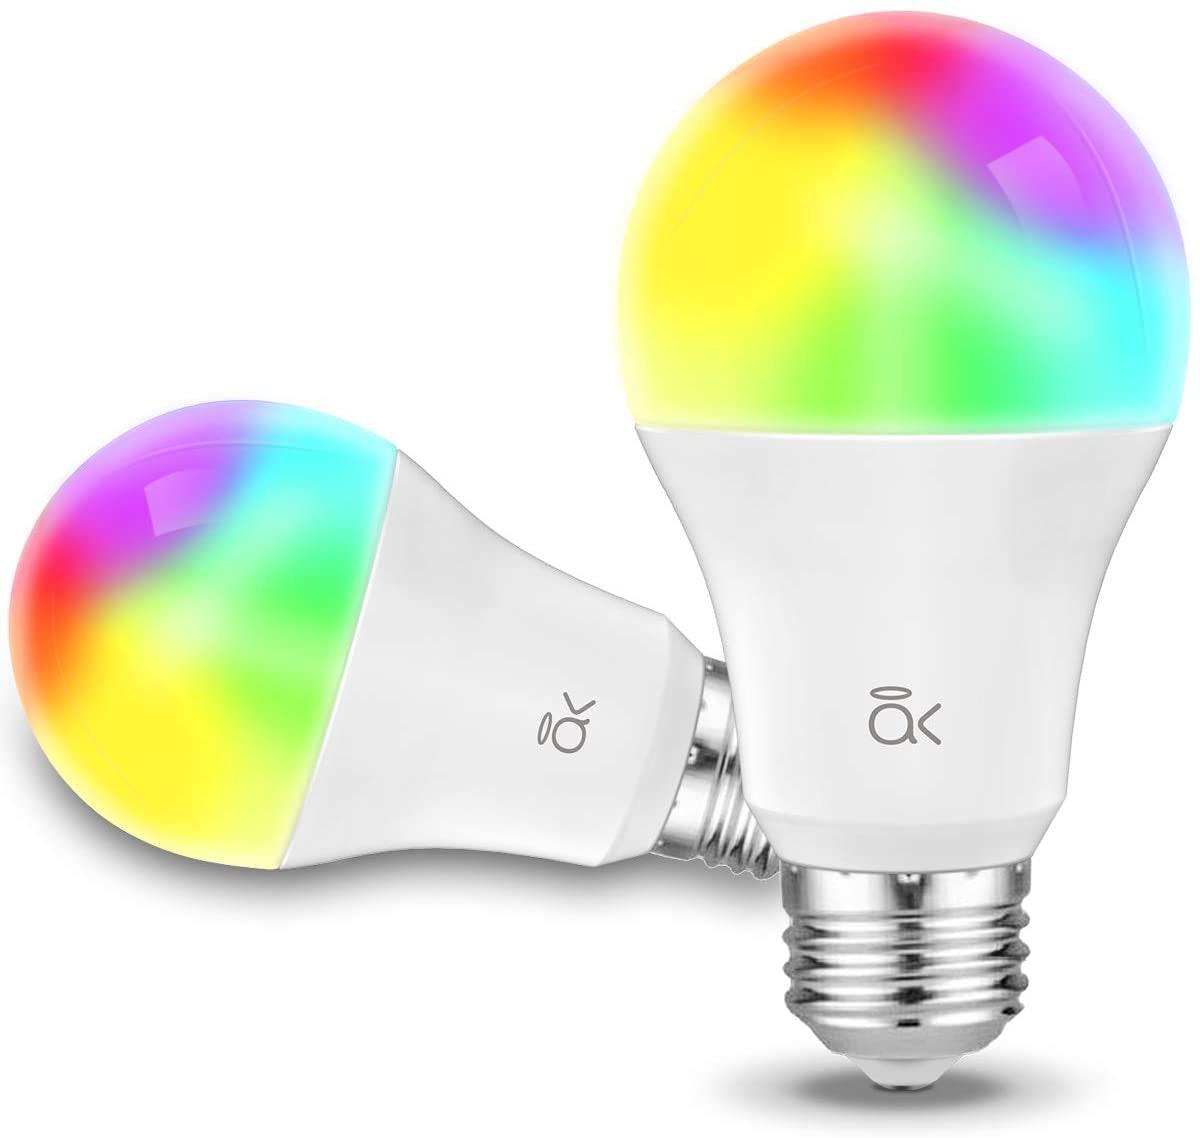 AL Above Lights Smart Light Bulb (2-Pack)